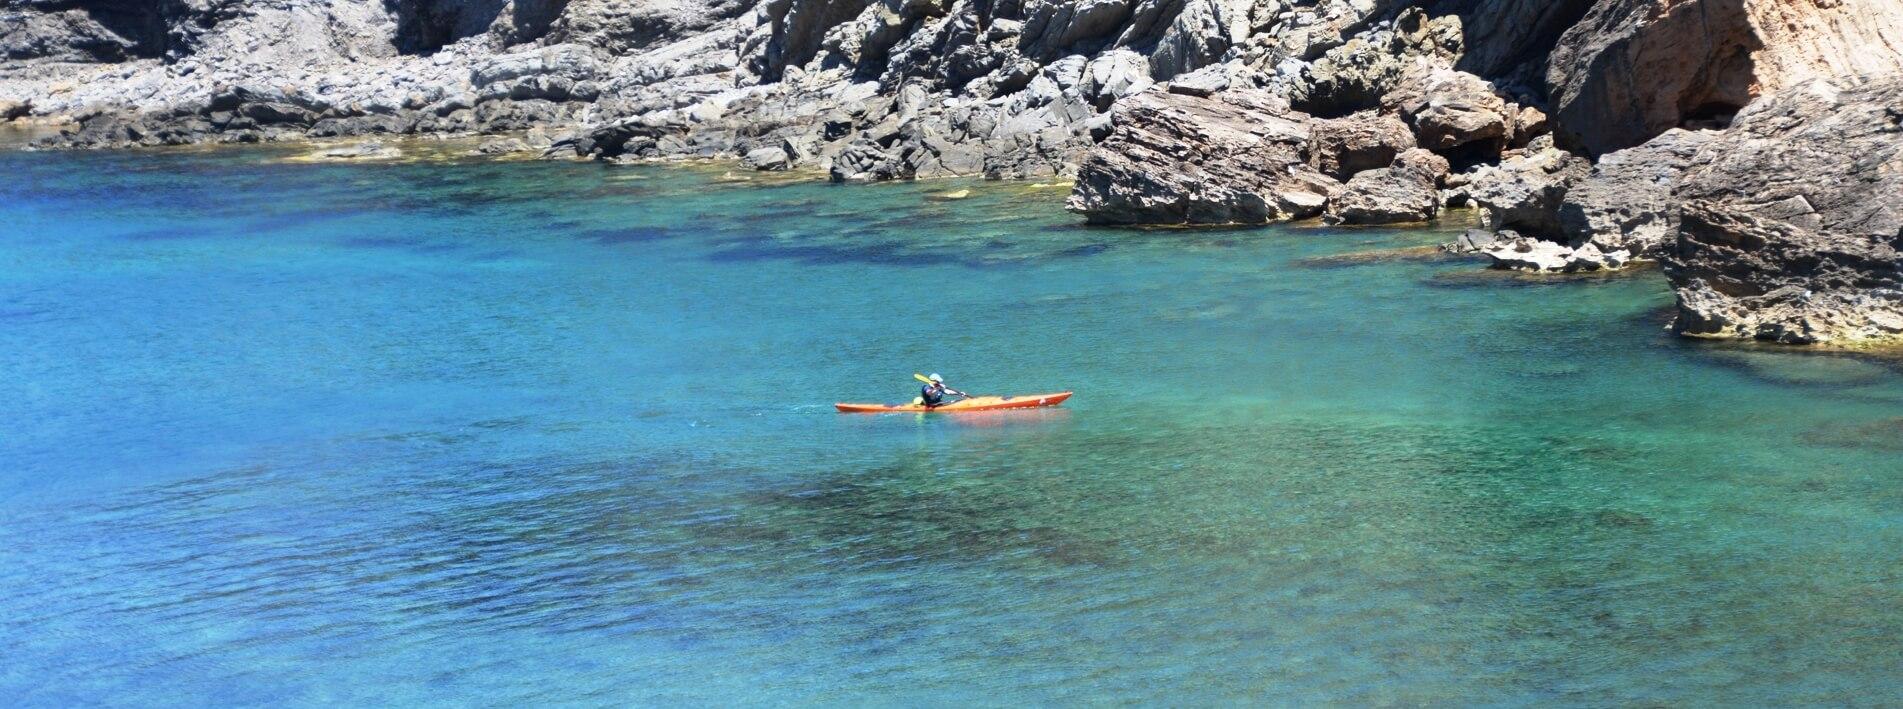 Kajakurlaub Mittelmeer online buchen – dein Spezialist für Kajakreisen